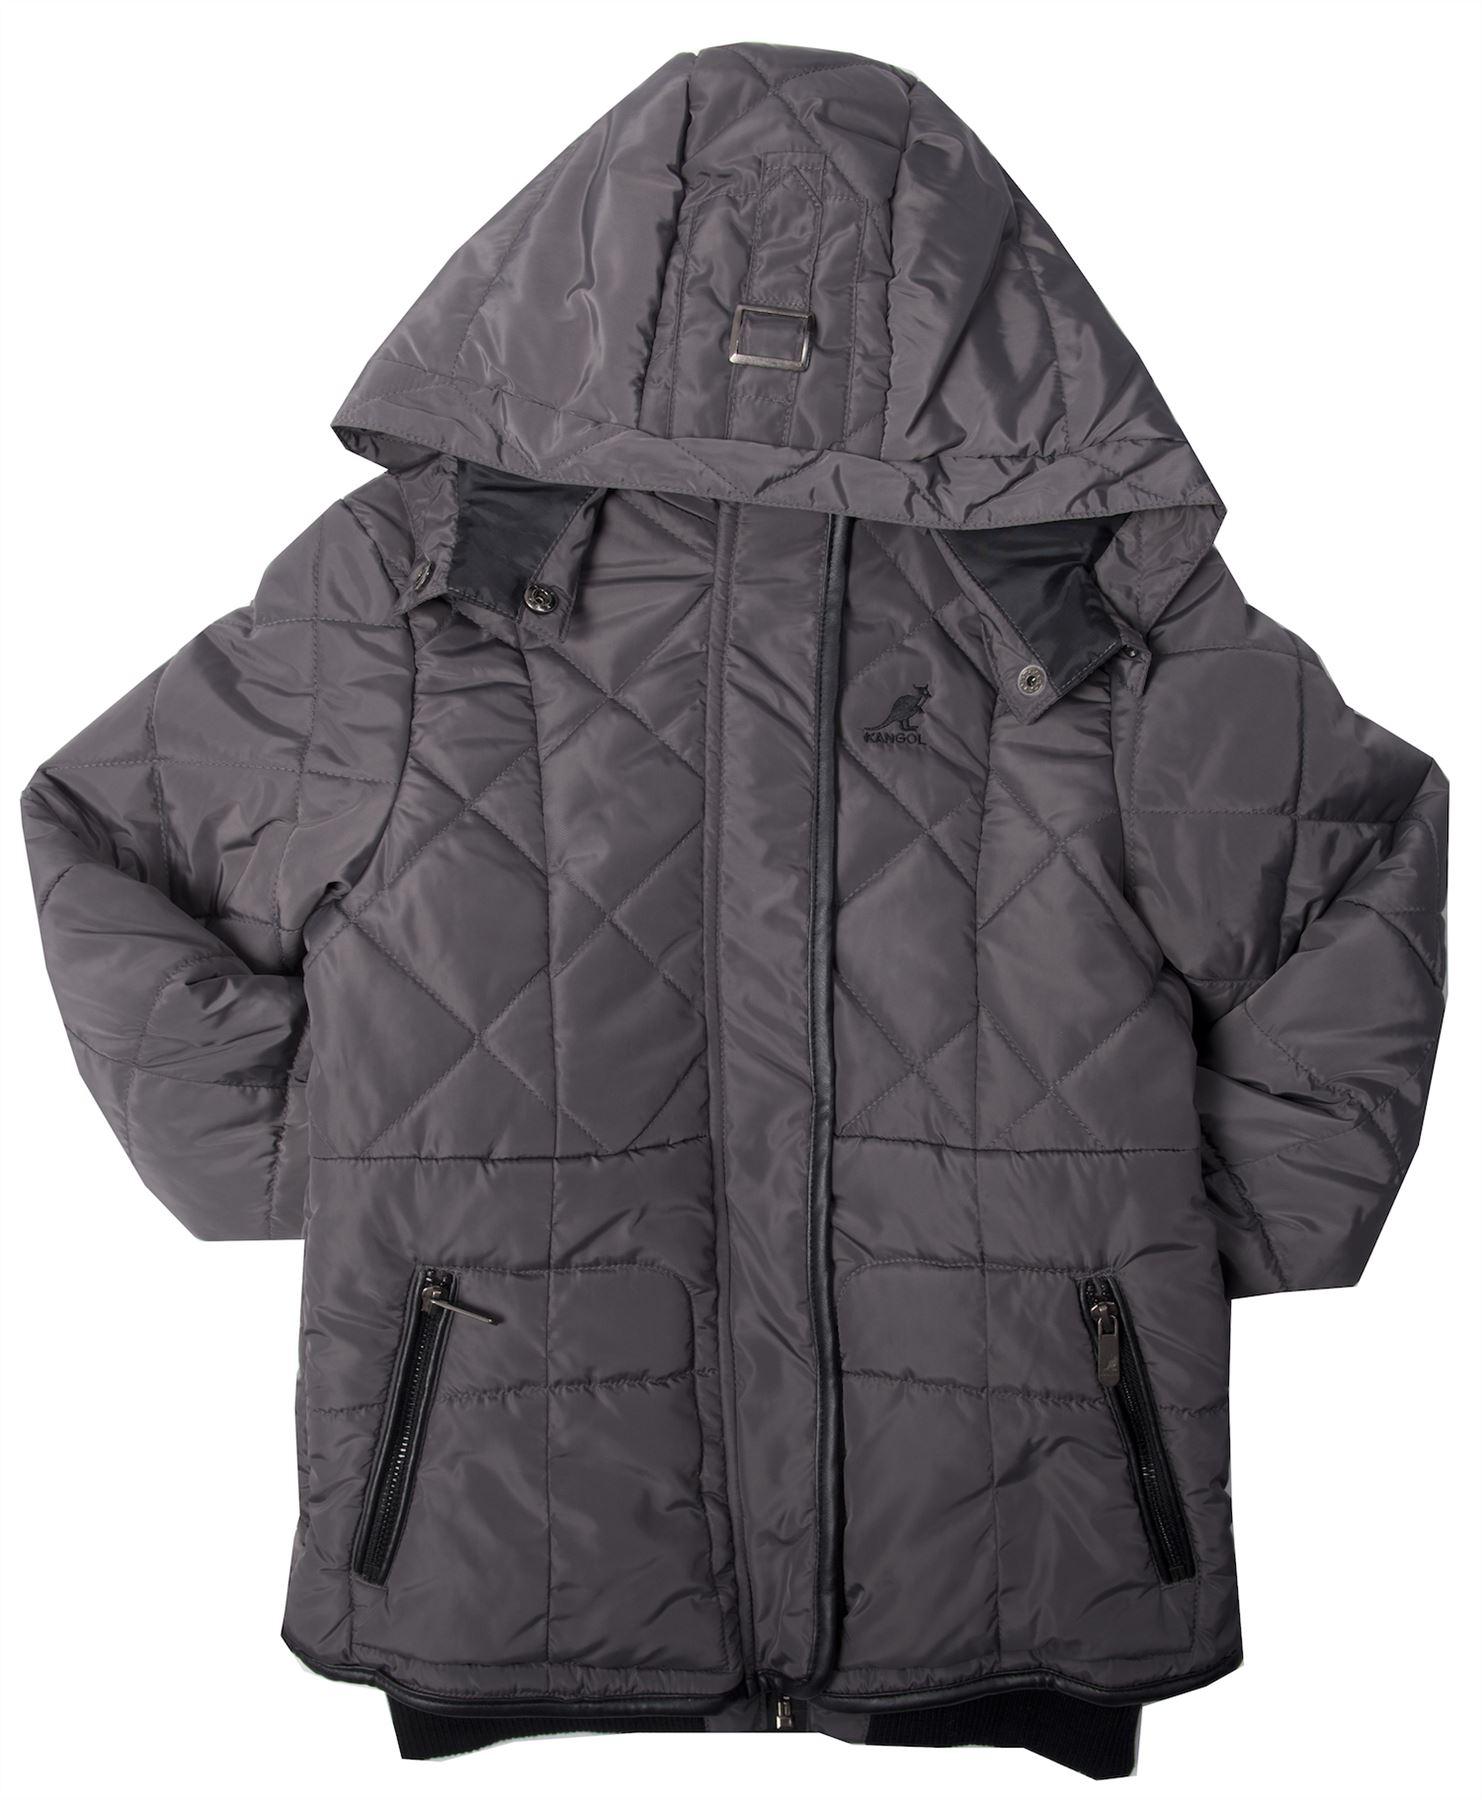 kangol fille hiver veste matelass e capuche fermeture clair manteau ans 4 10 ebay. Black Bedroom Furniture Sets. Home Design Ideas